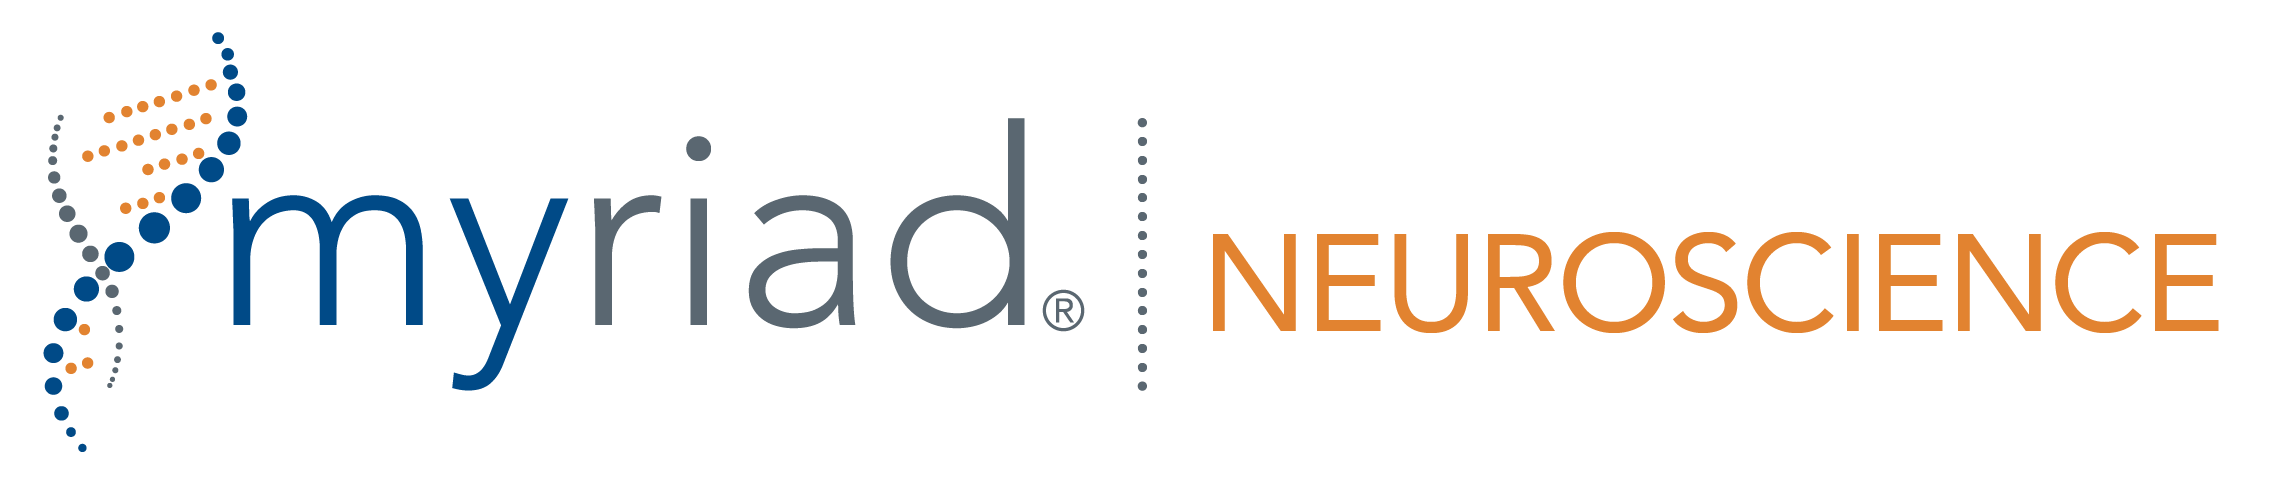 Myriad Neuroscience logo